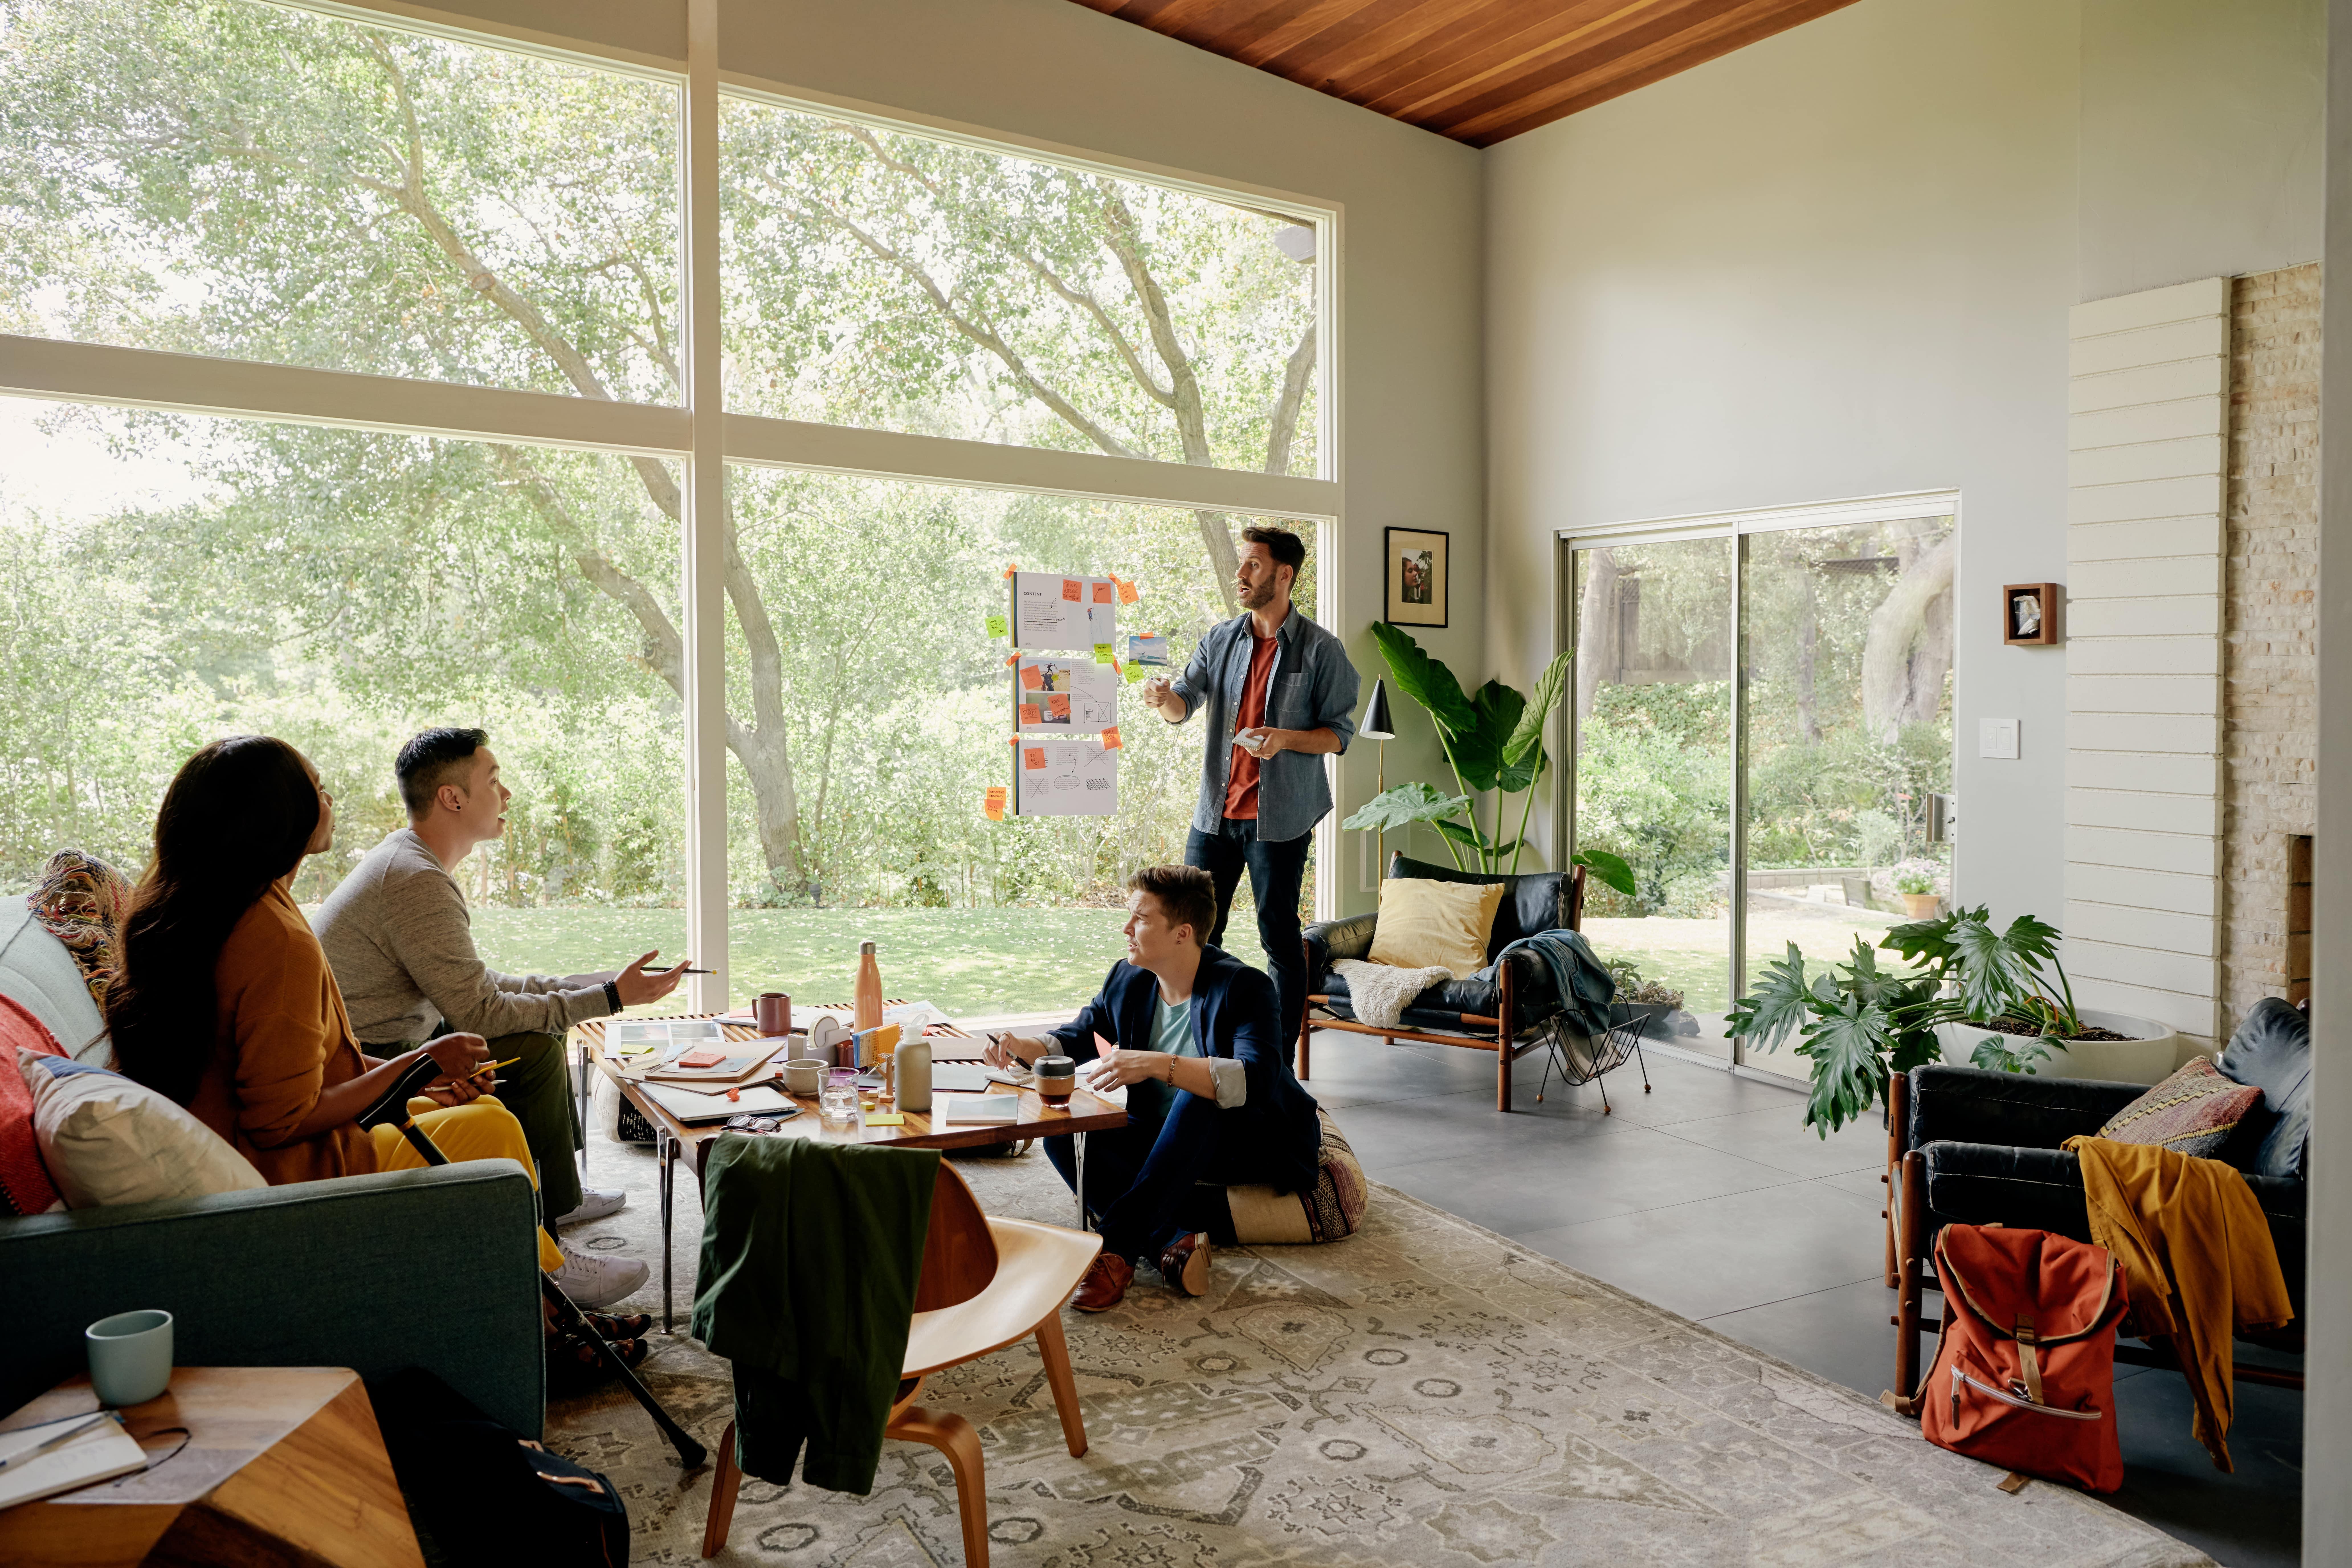 Hjemmearbejde og Airbnb er steget grundet Covid19